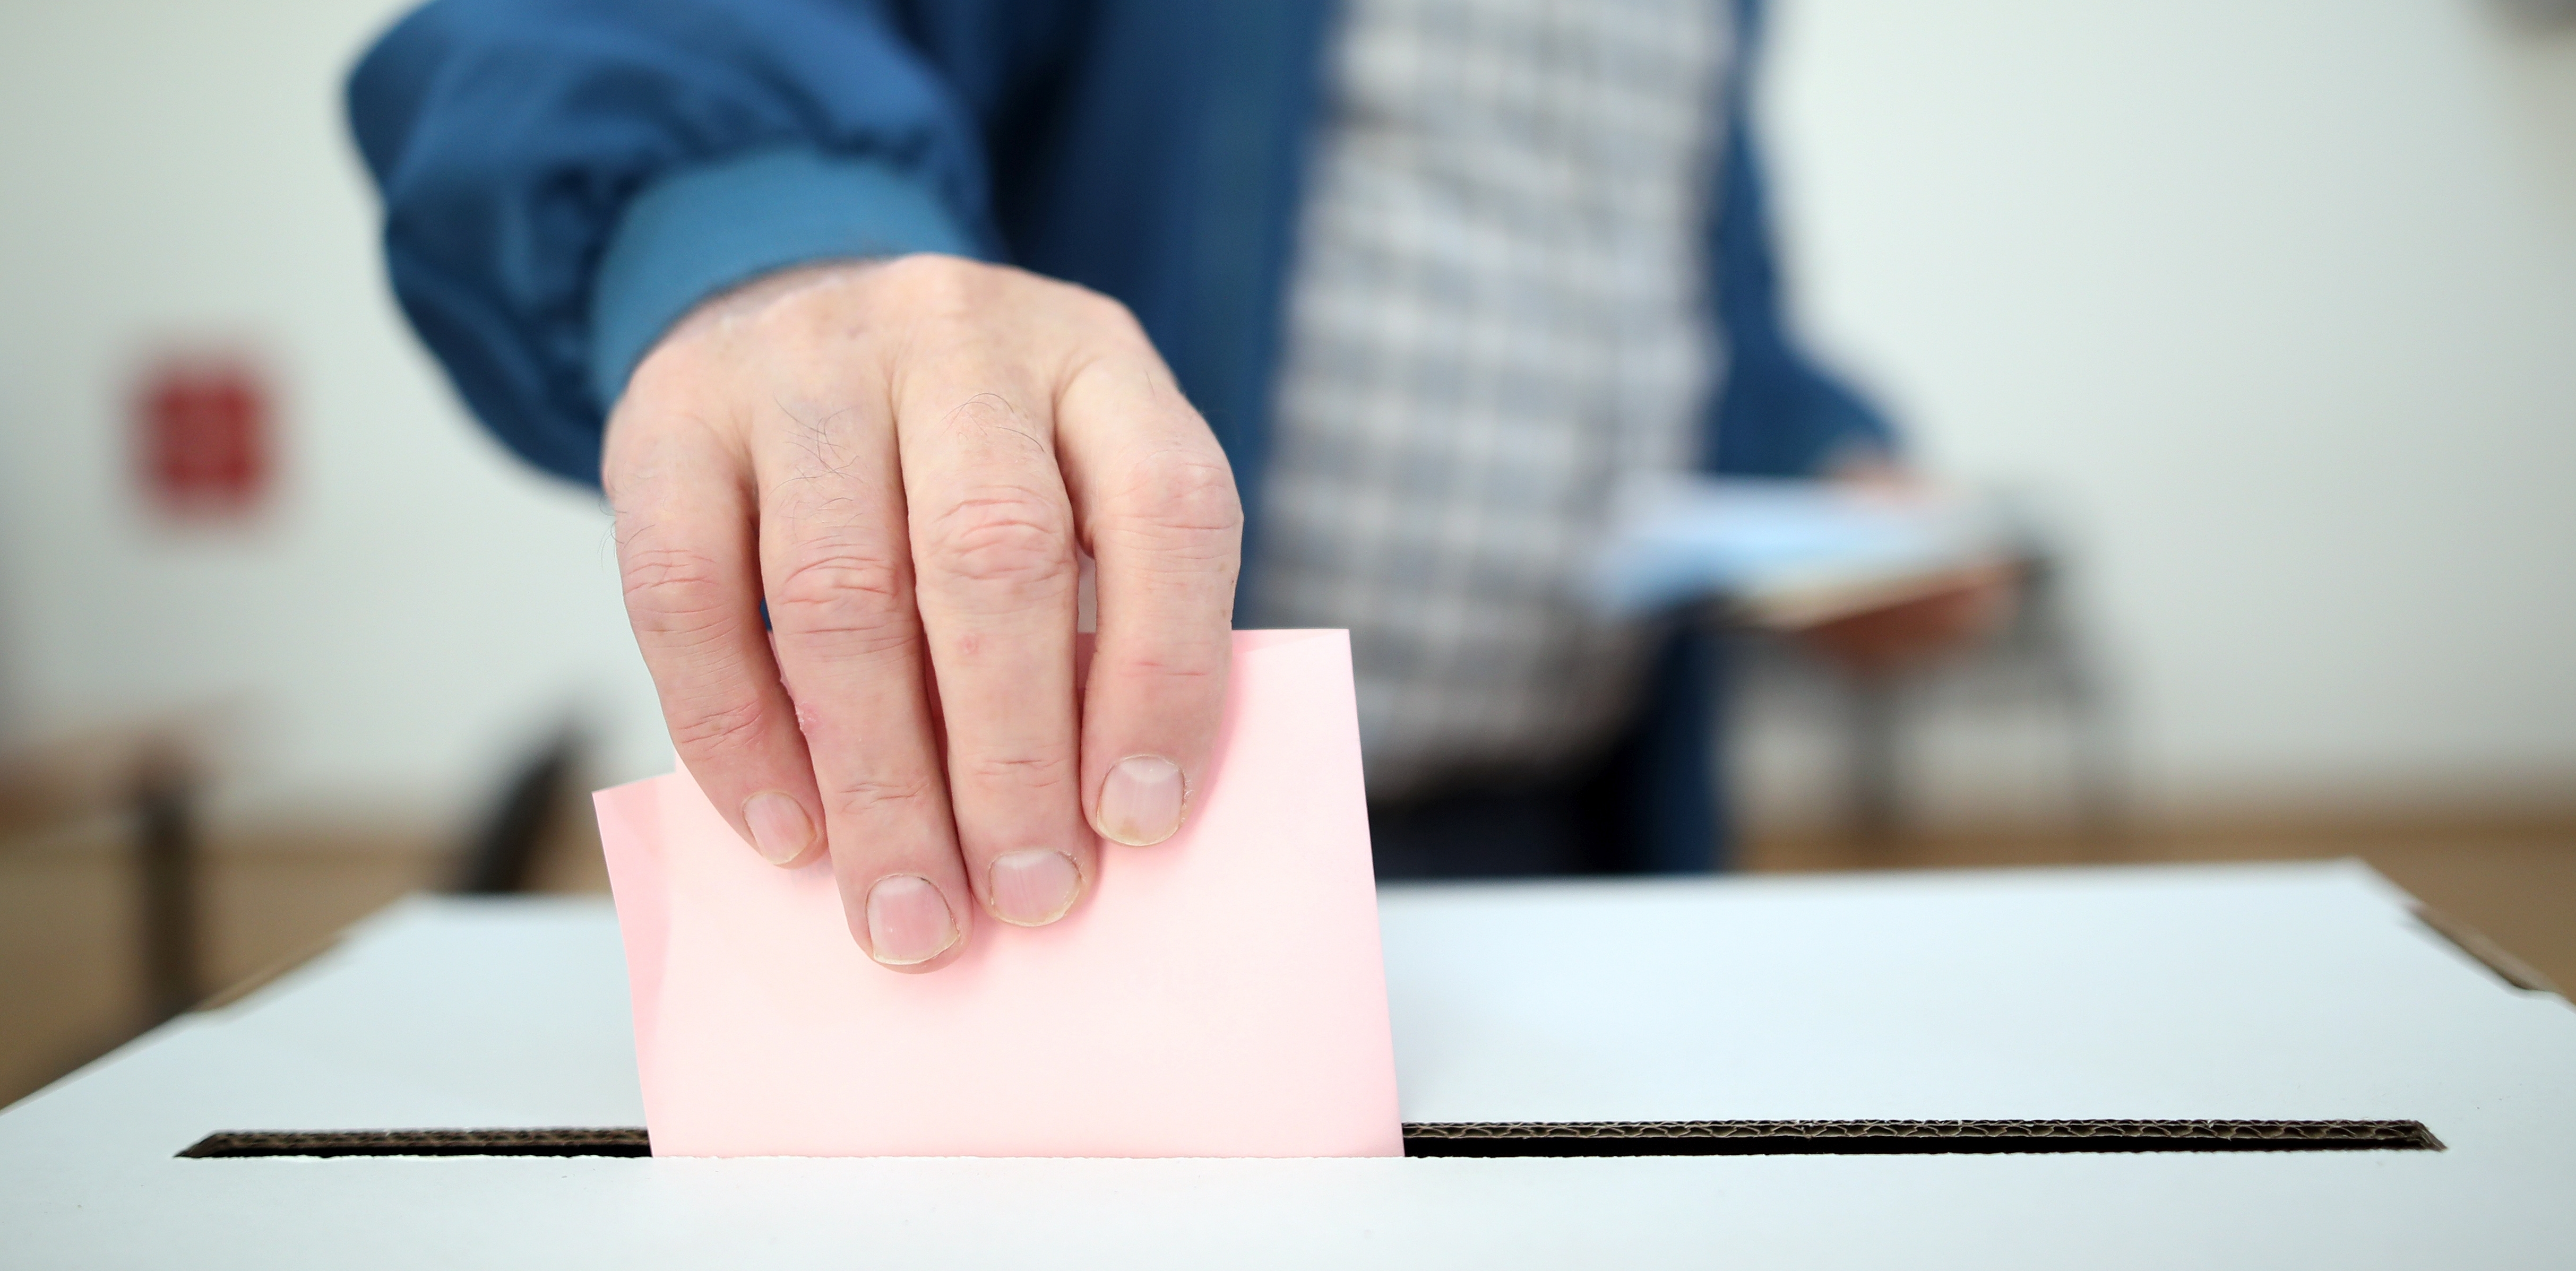 Ein Mann wirft einen Wahlzettel in eine Urne.